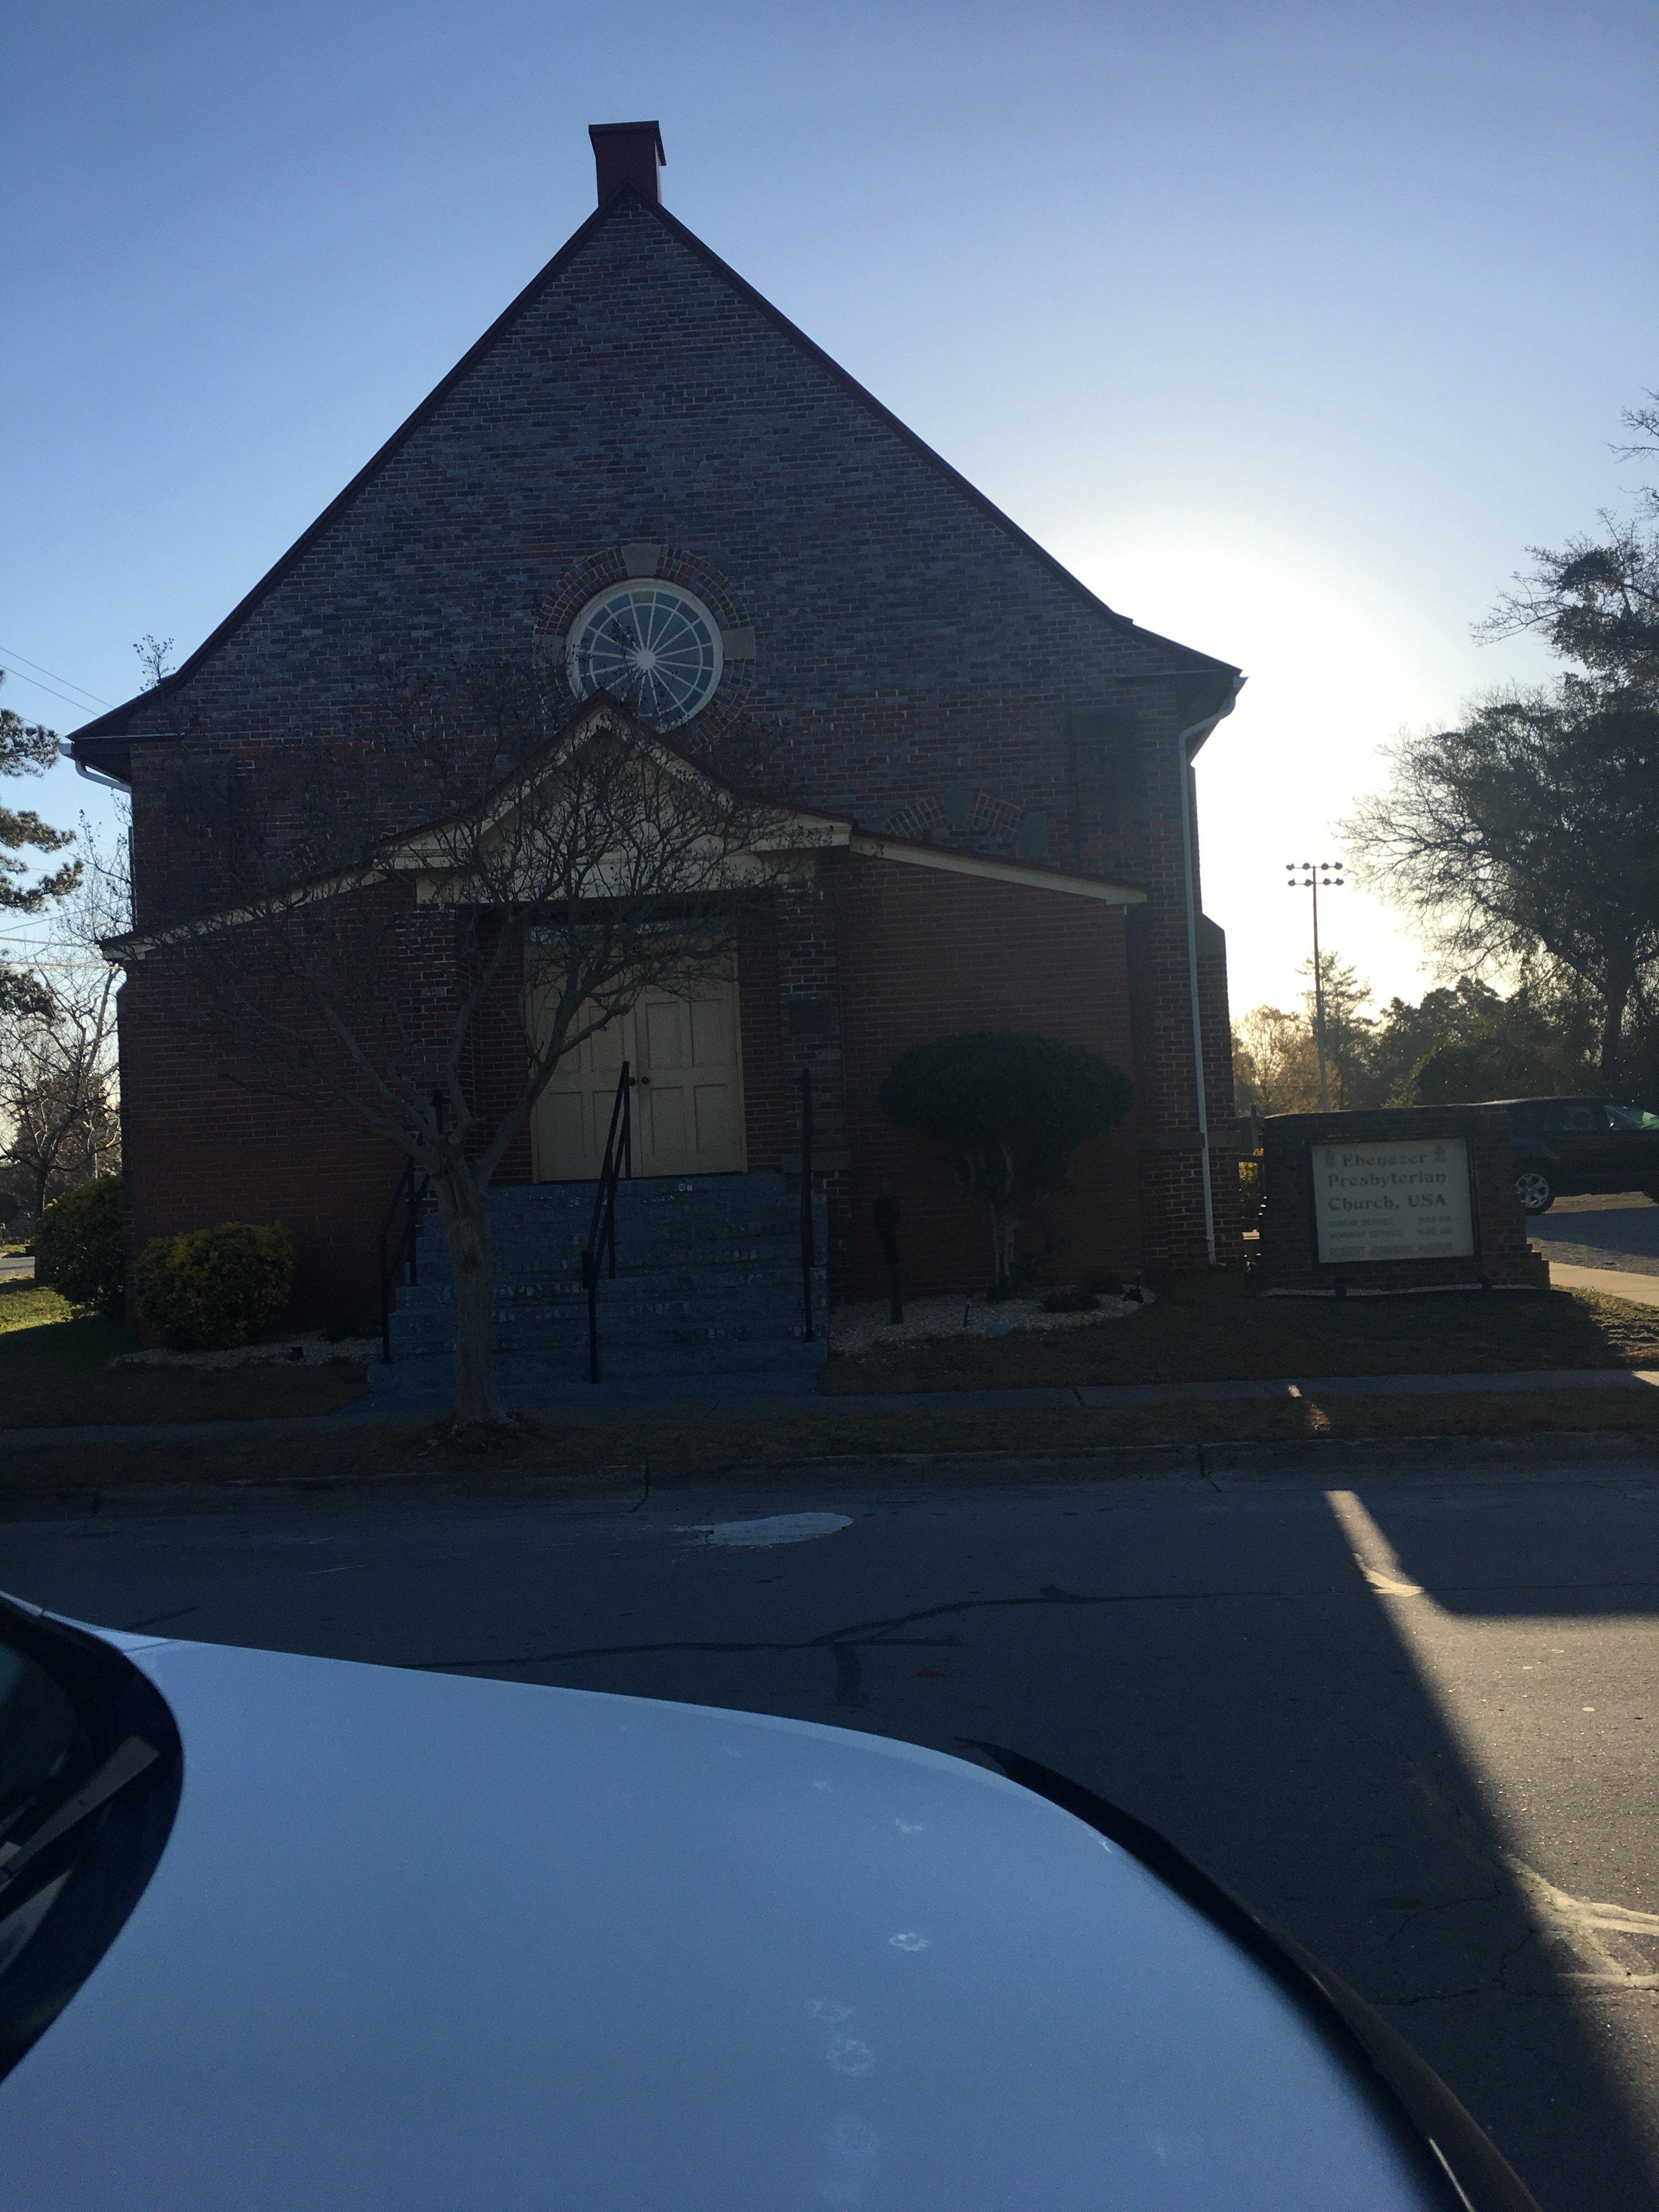 Ebenezer Presbyterian Church in New Bern.